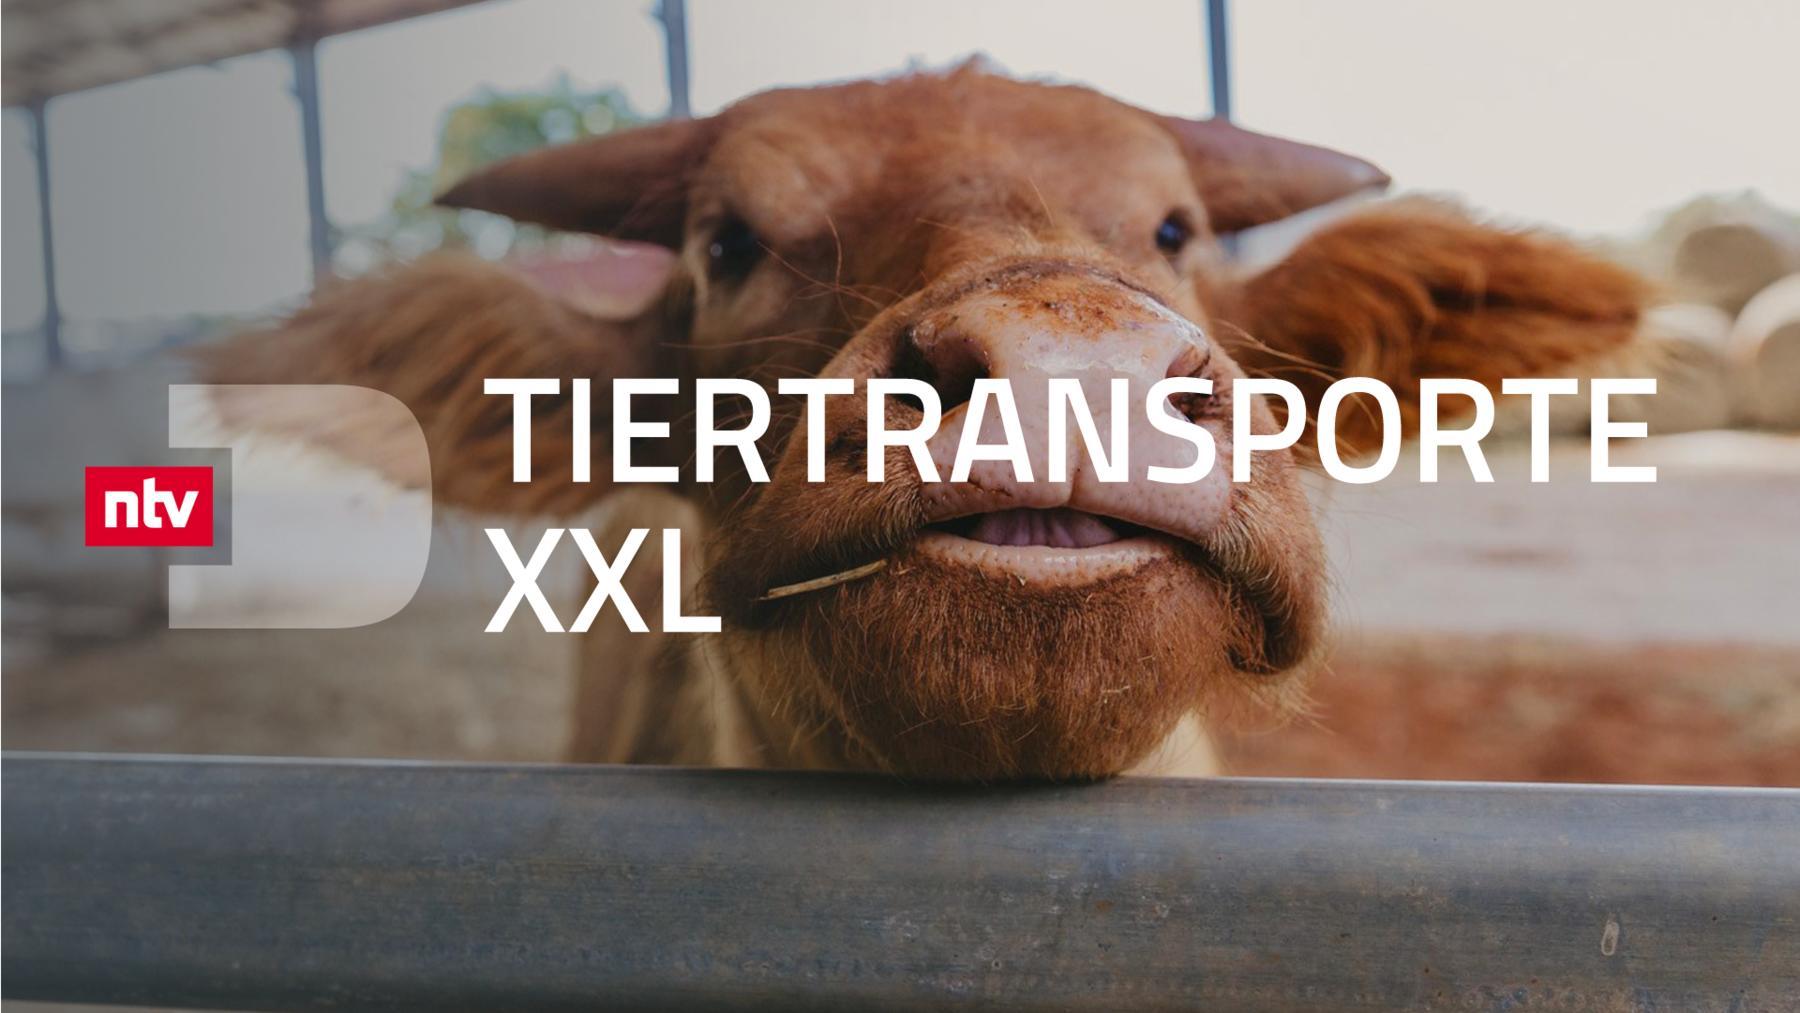 Tiertransporte XXL